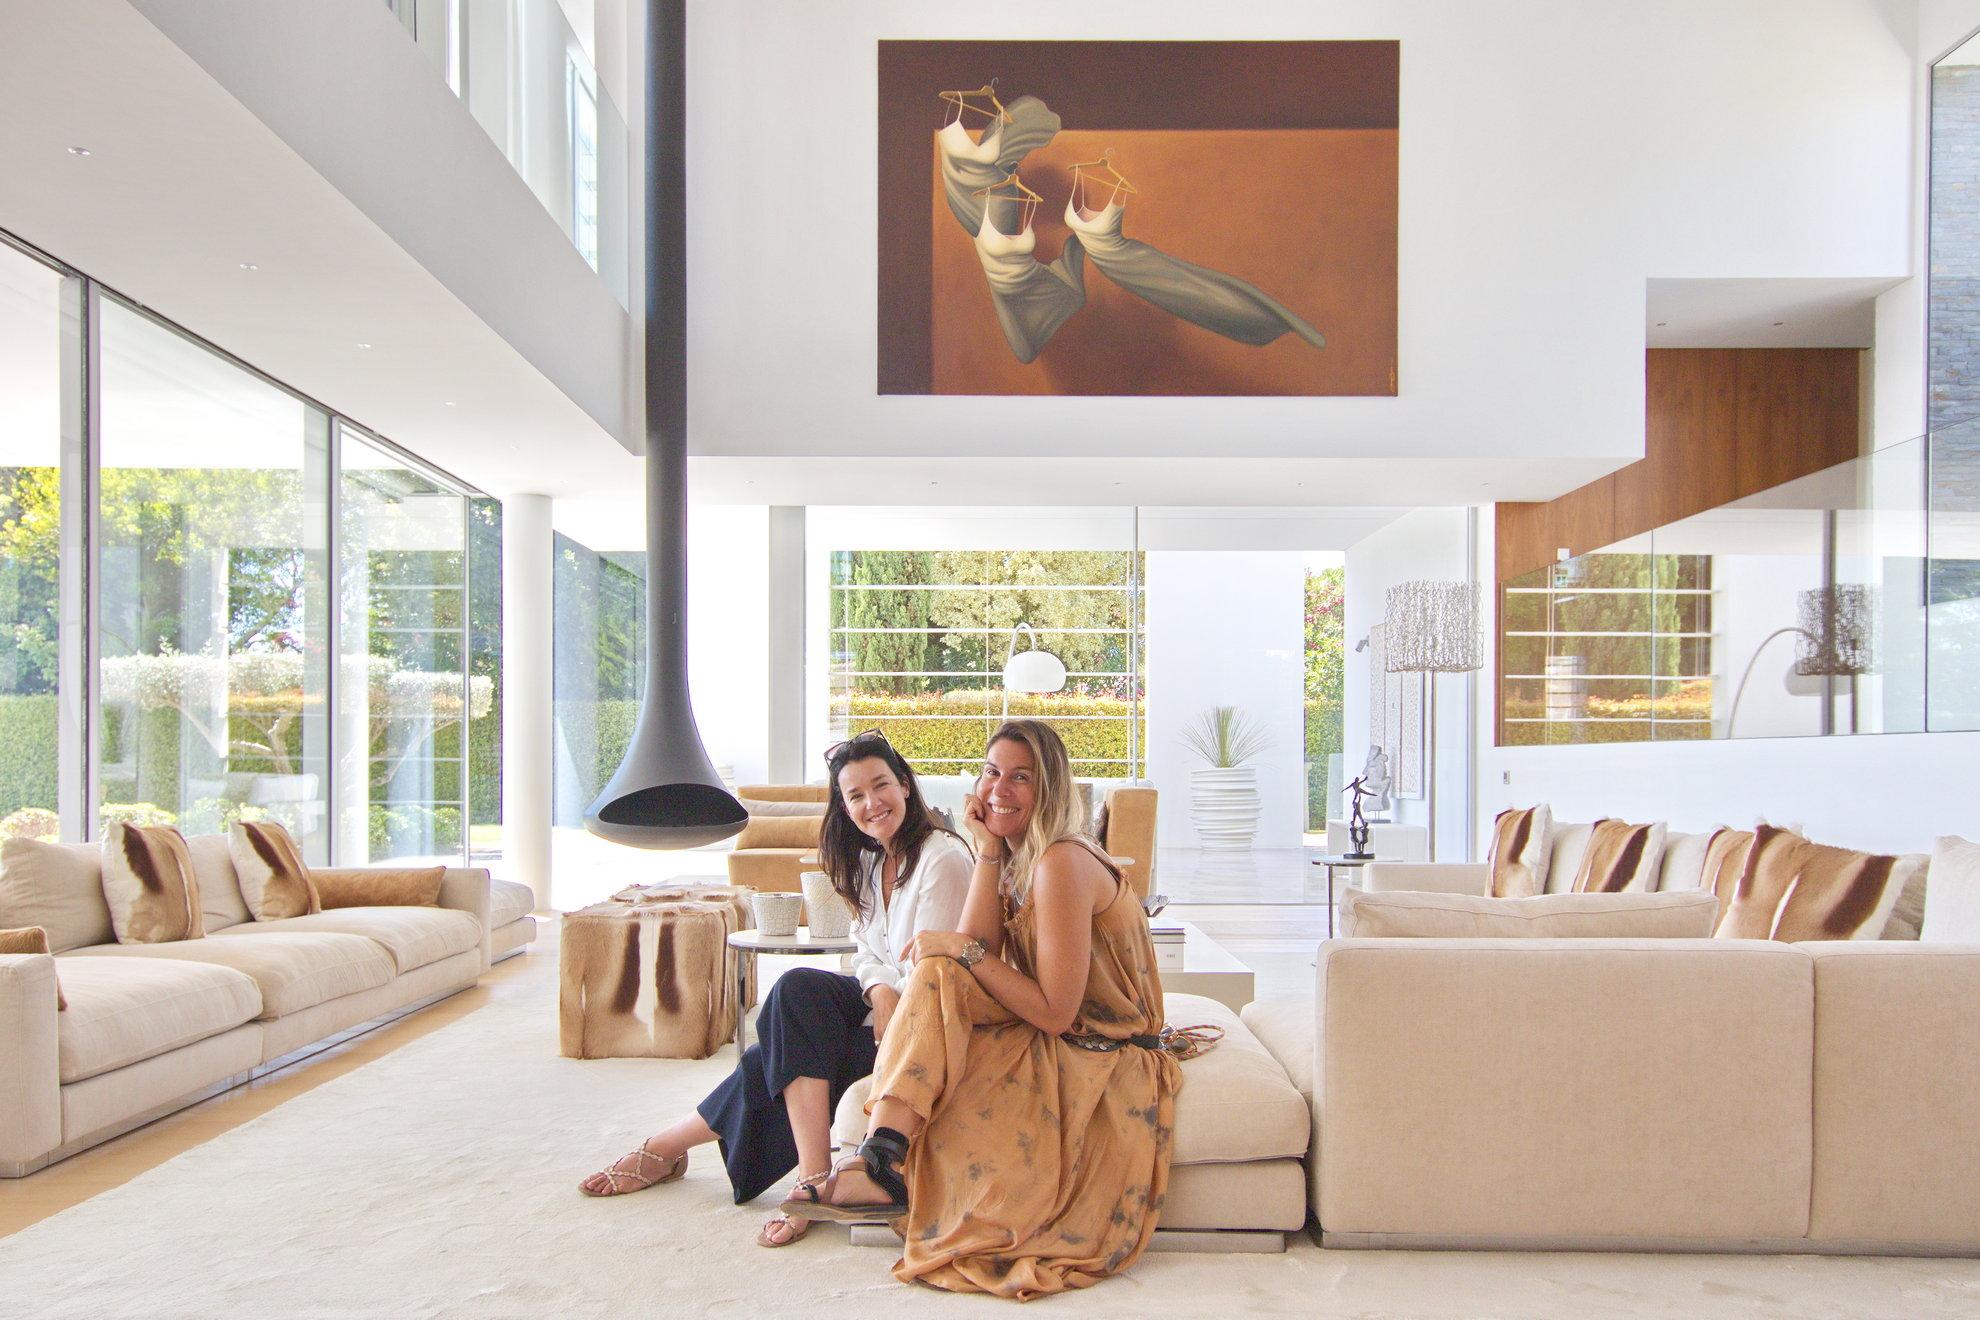 Rute et Rita, les visages des partenaires en charge de l'immobilier SEAU.com à Quinta do Lago et Vale do Lobo. C'est leur connaissance de l'immobilier local et leur bonne ambiance dont vous vous souviendrez lorsque vous devrez acheter une maison à Quinta do Lago et Vale do Lobo!